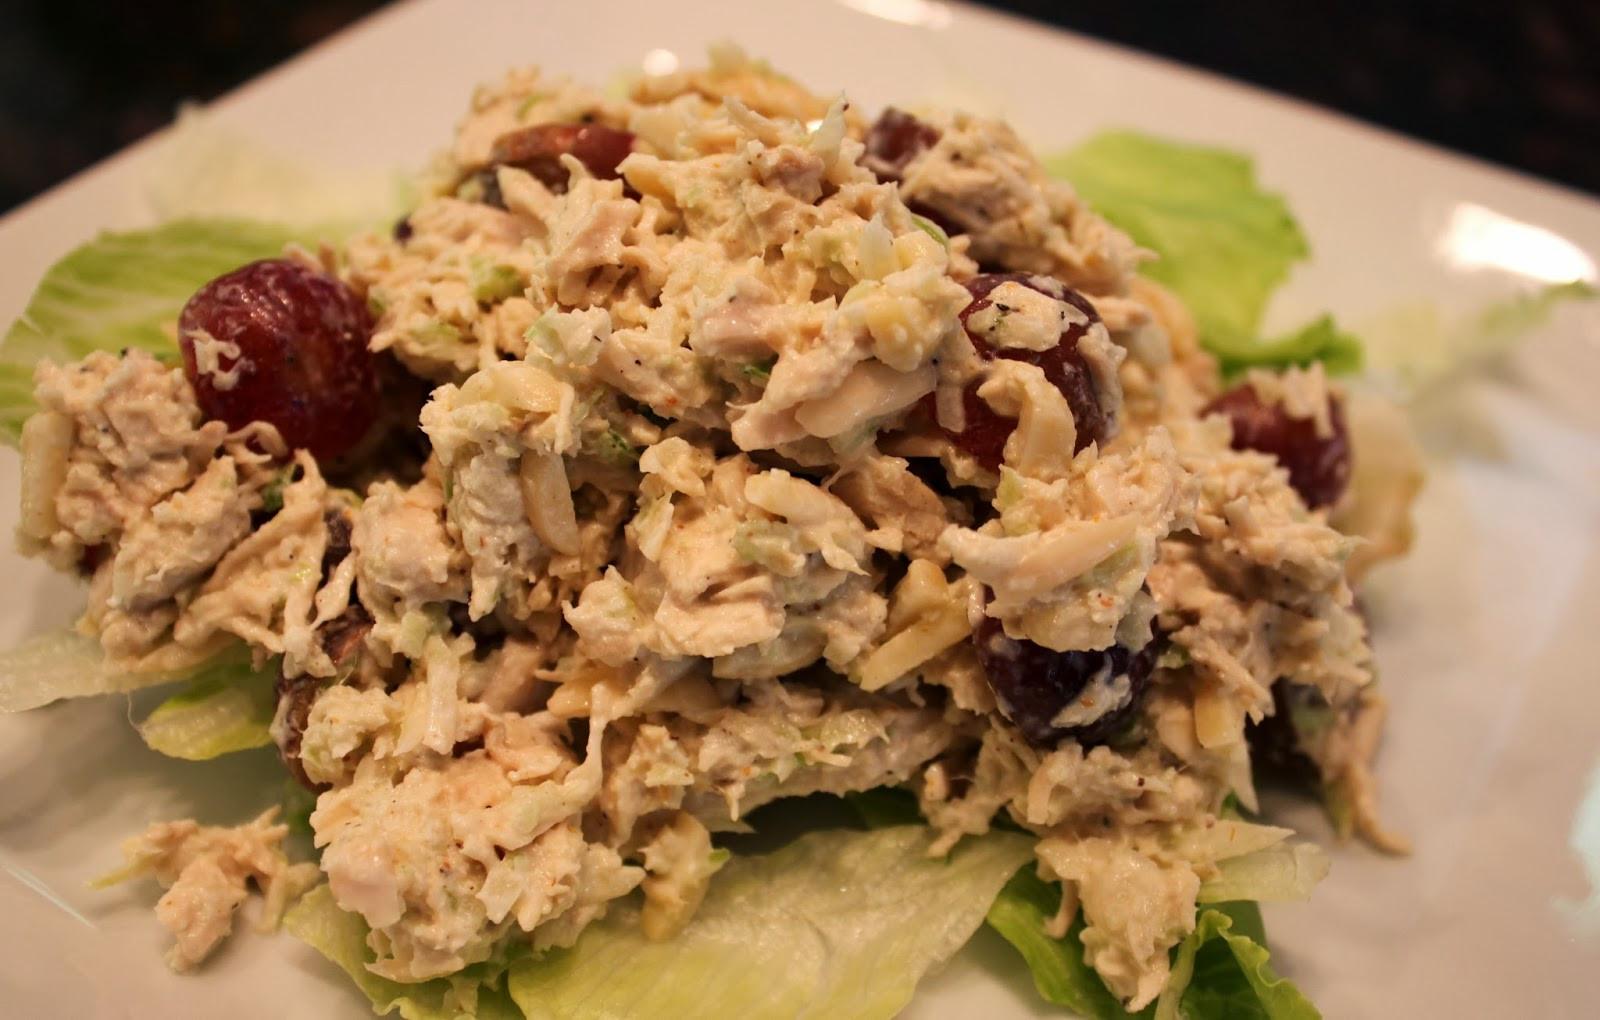 Paleo Chicken Salad  Kelly s Healthified Kitchen Paleo Chicken Salad with